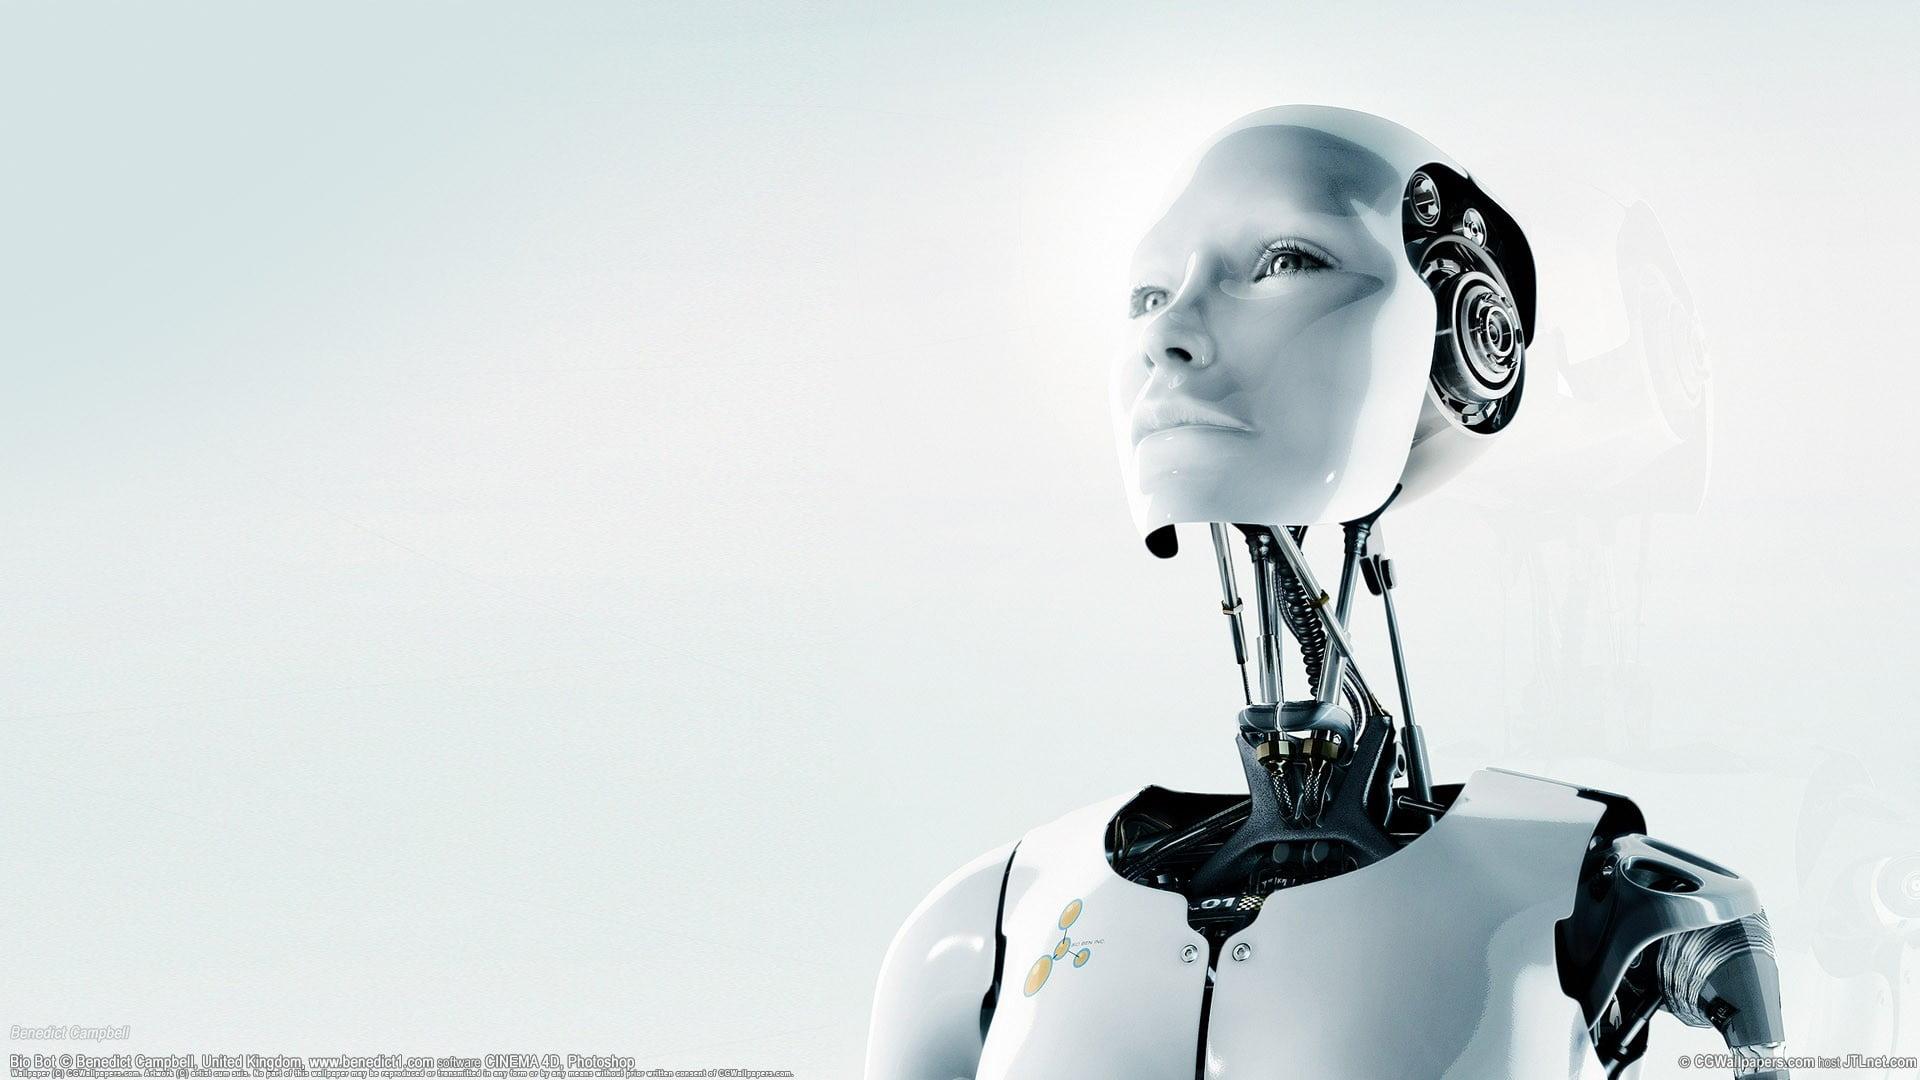 White humanoid robot illustration Bjrk white HD wallpaper 1920x1080